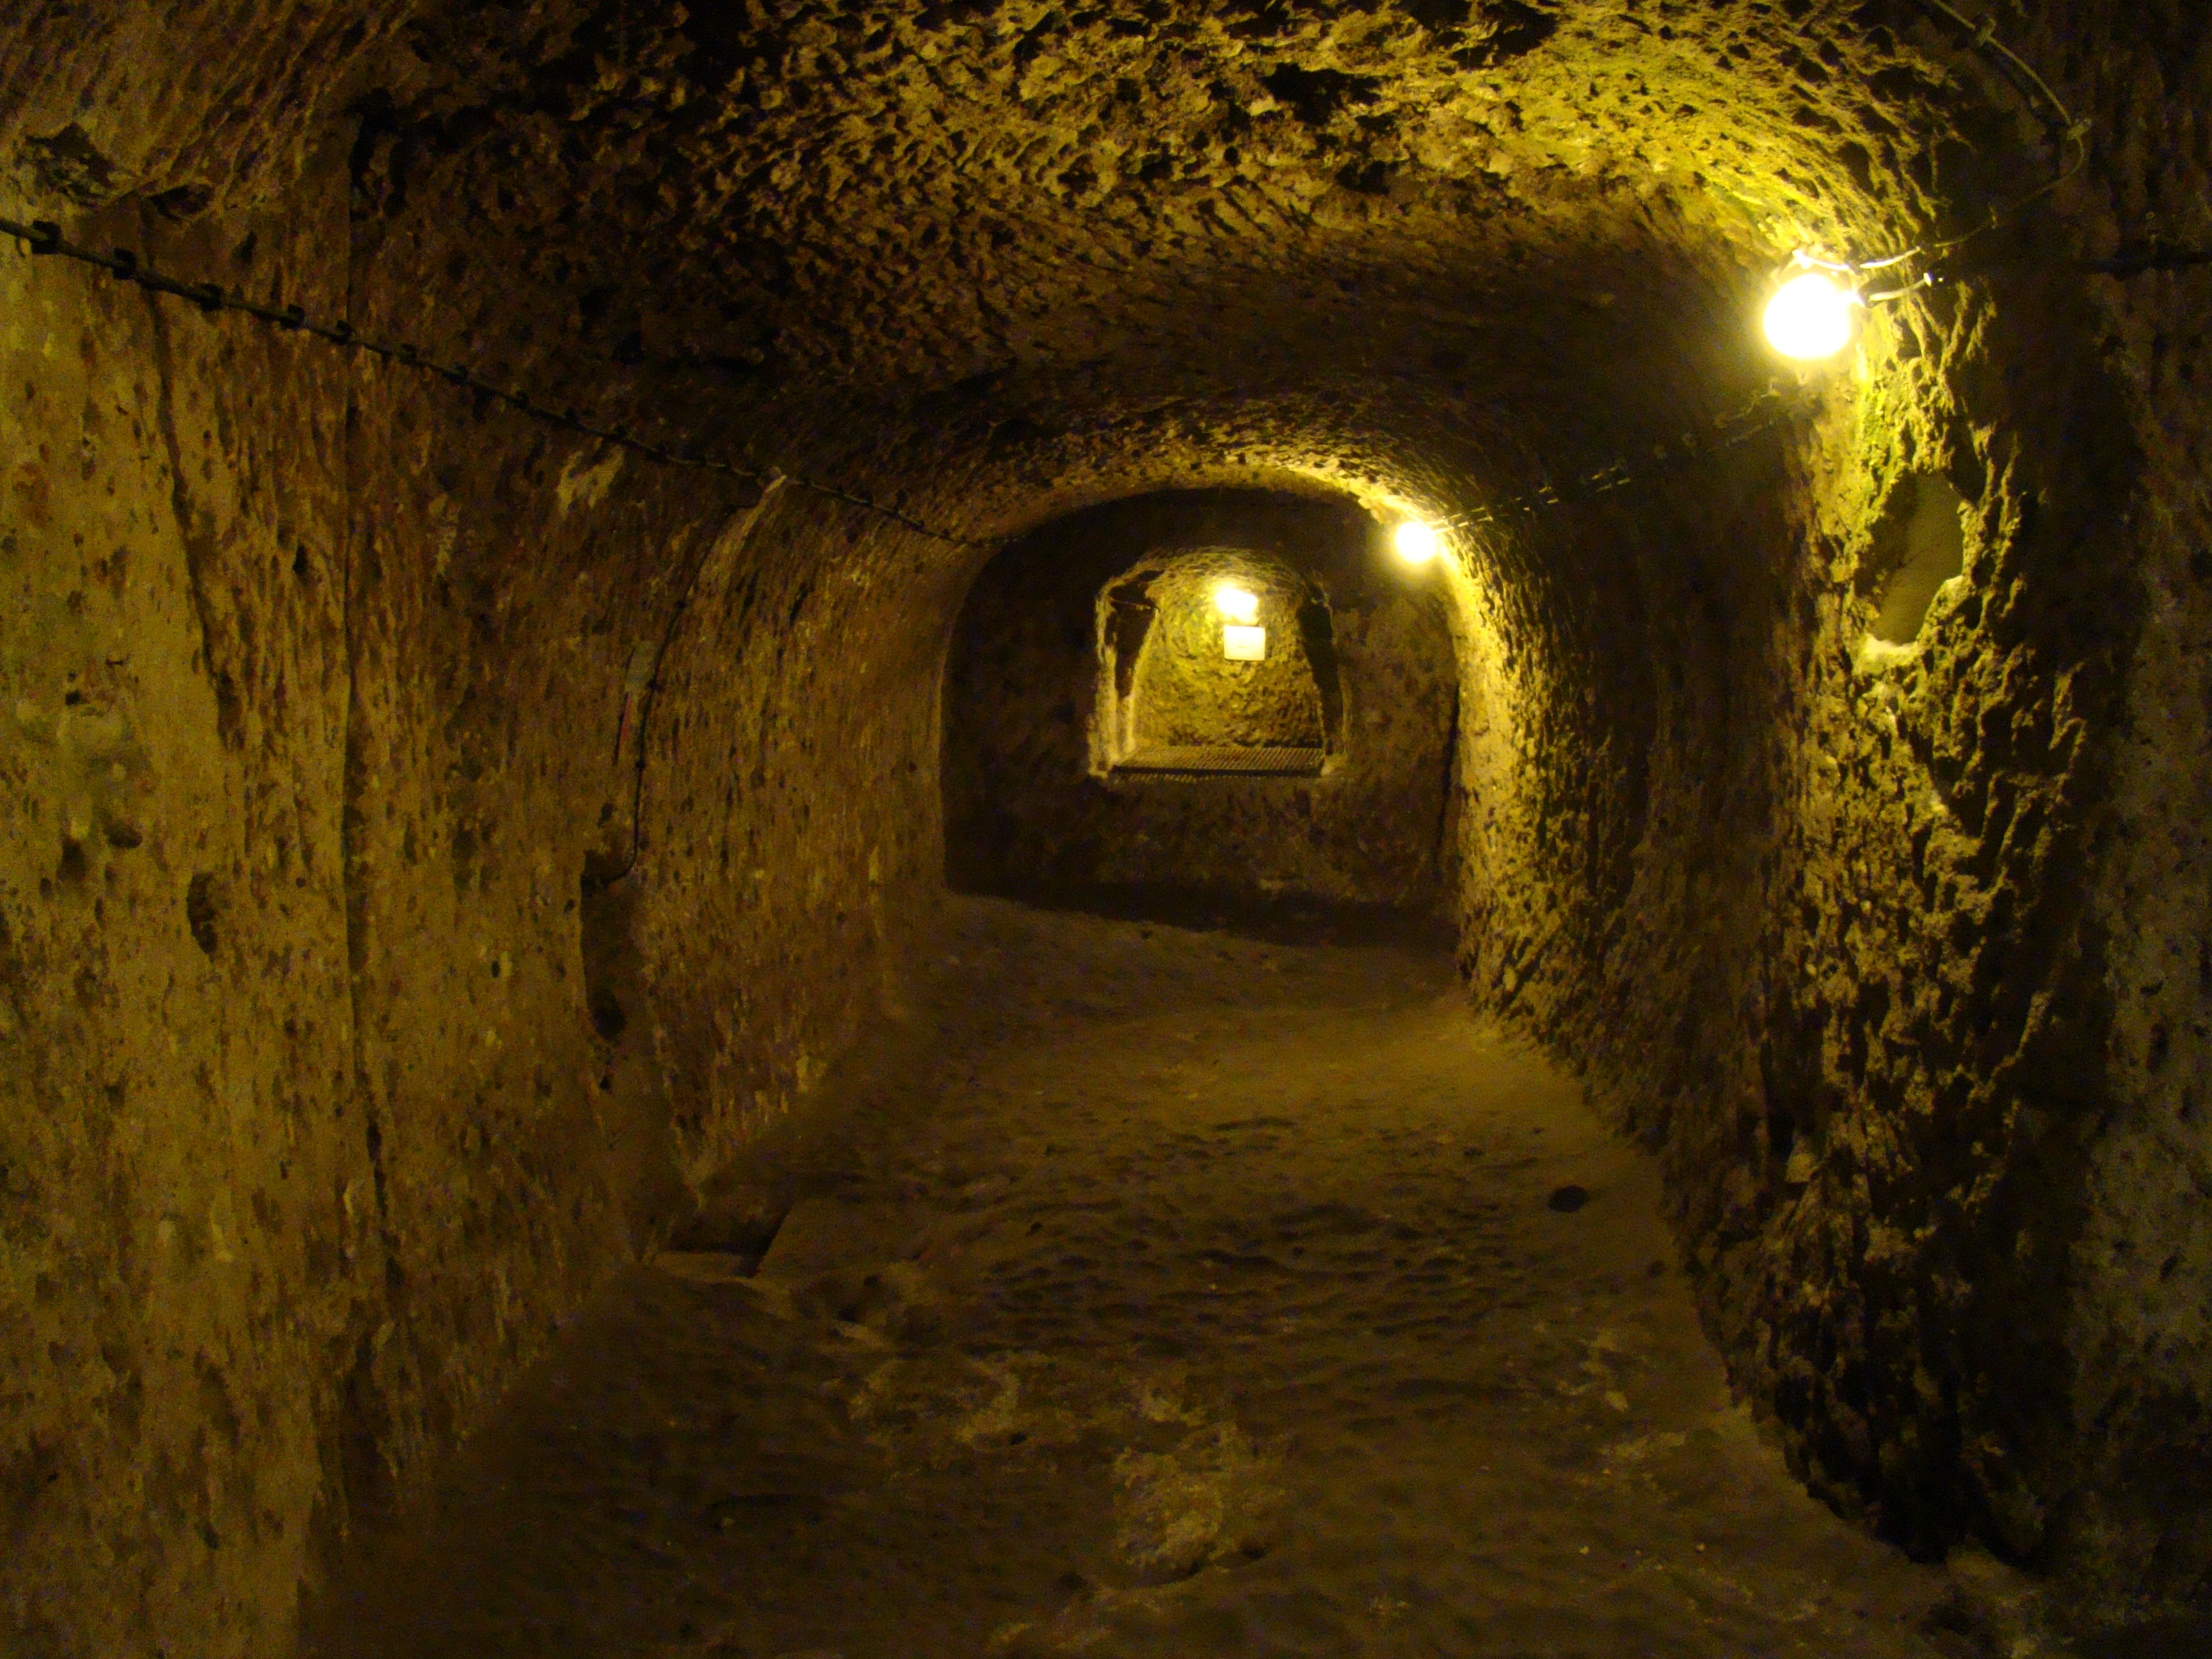 Orașul Subteran Derinkuyu, coridoare întunecate